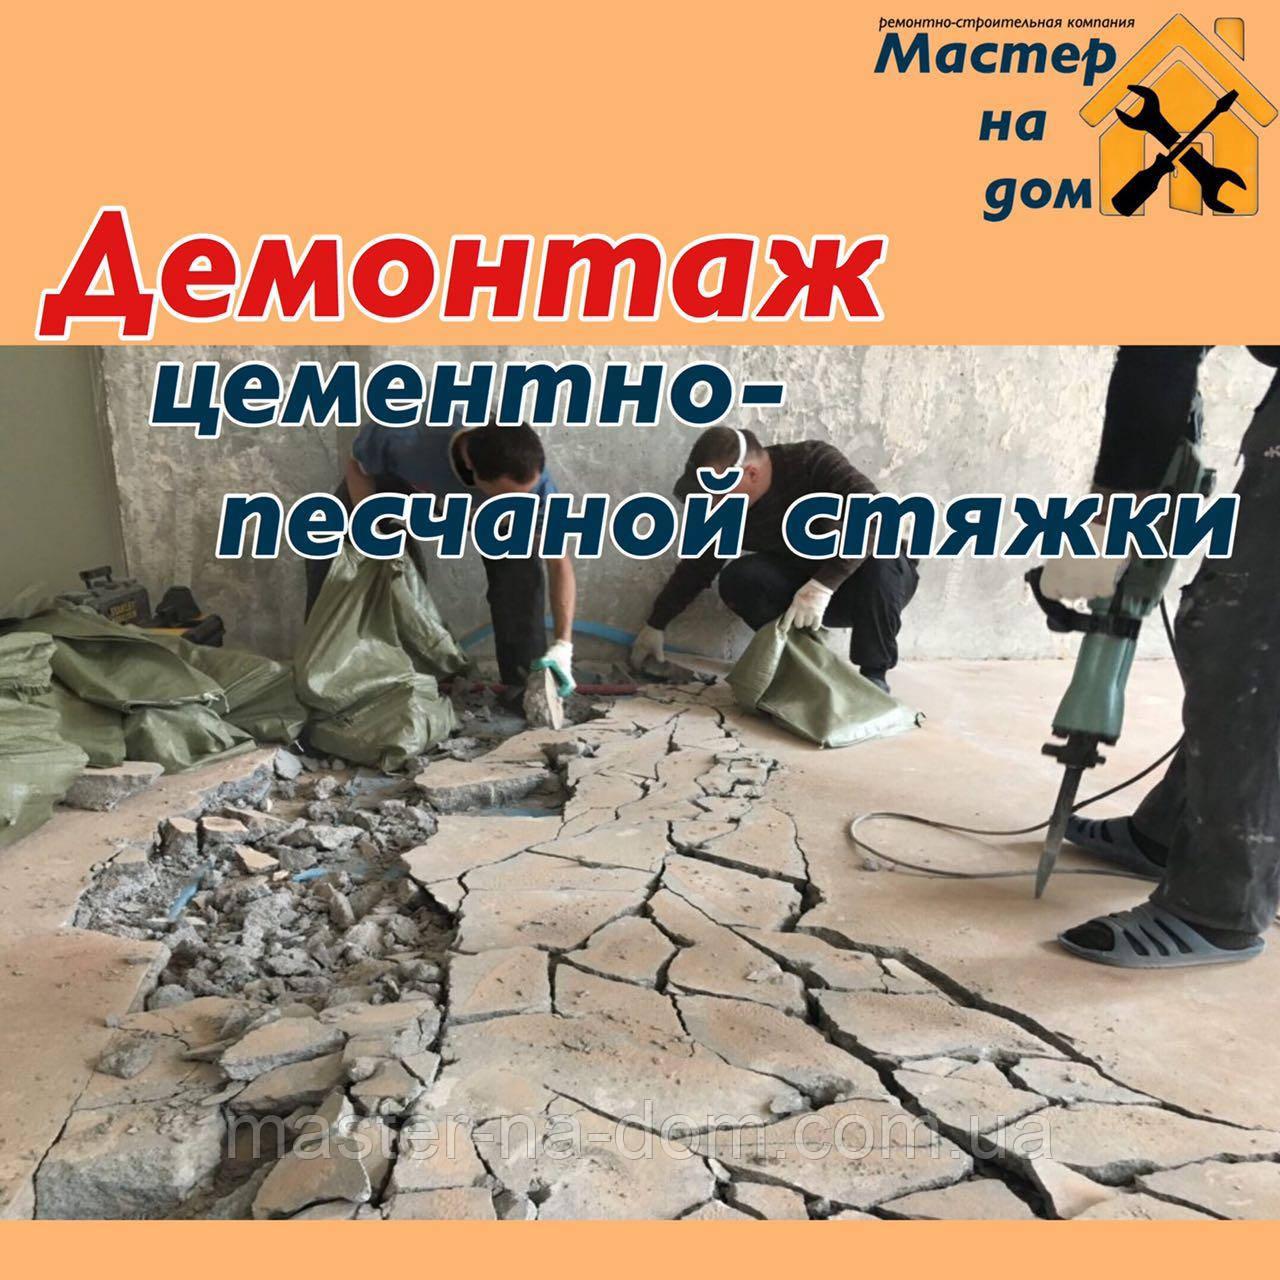 Демонтаж цементно-песчаной стяжки пола в Днепре